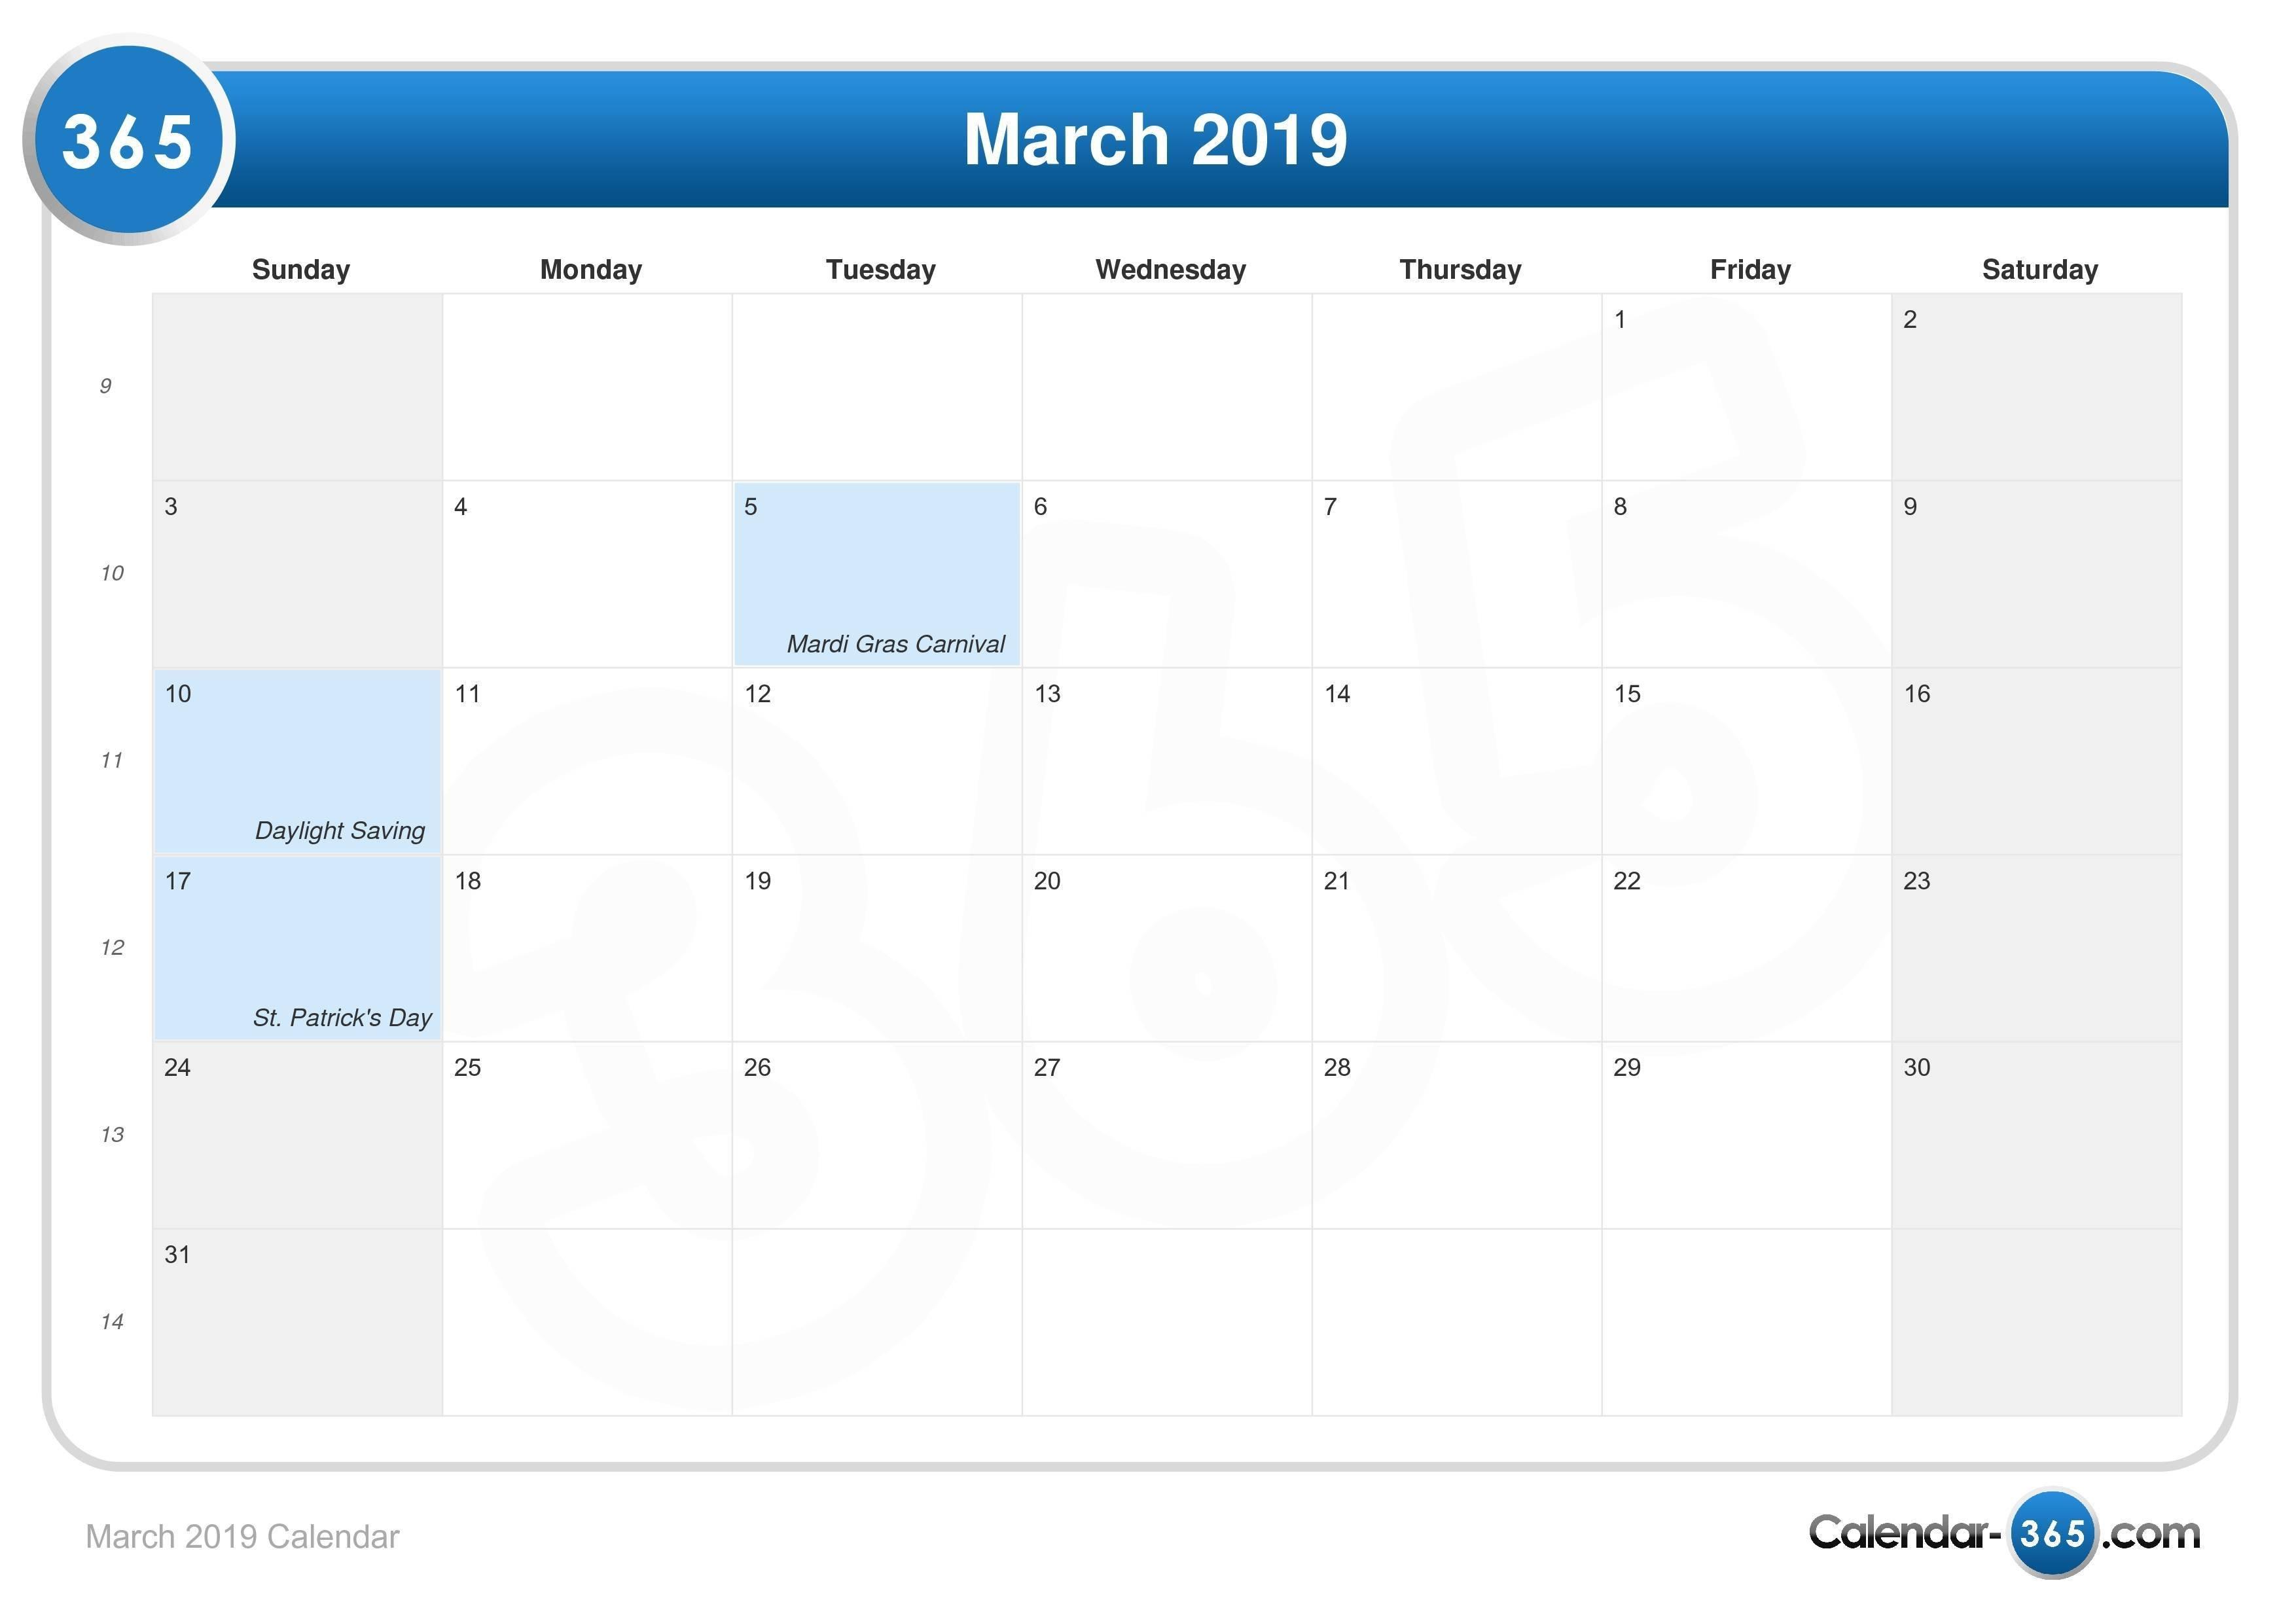 March 2019 Calendar March 4 2019 Calendar